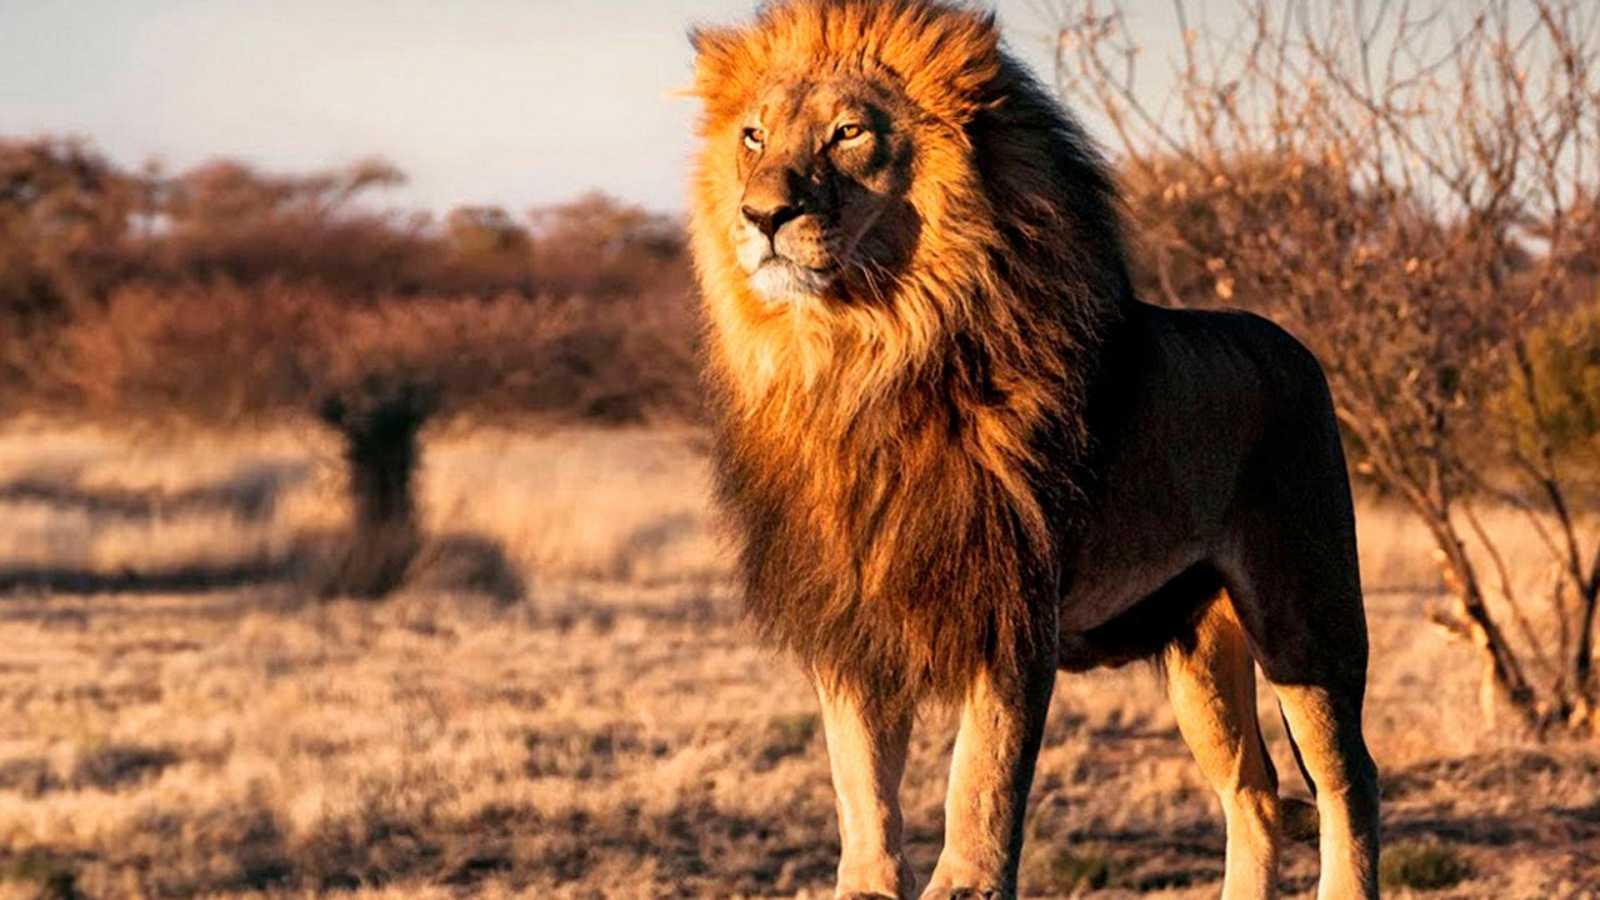 Grandes documentales - Supervivientes de la naturaleza: Atracción animal - ver ahora